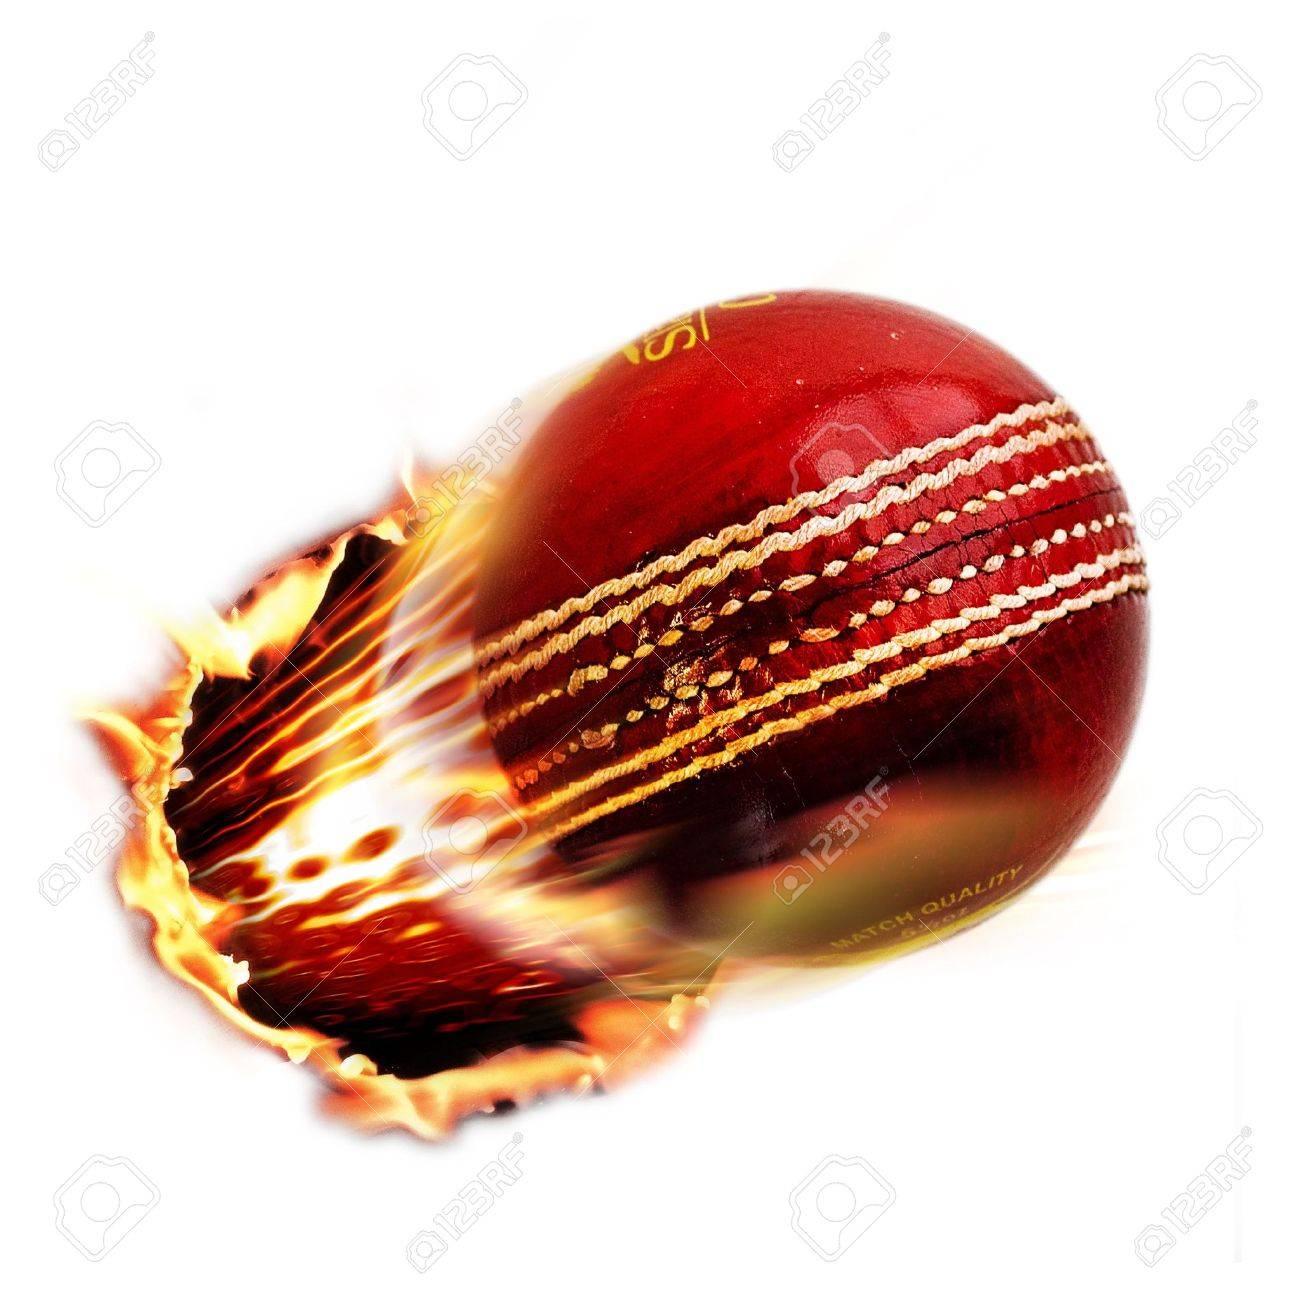 Cricket ball Stock Photo - 4362266